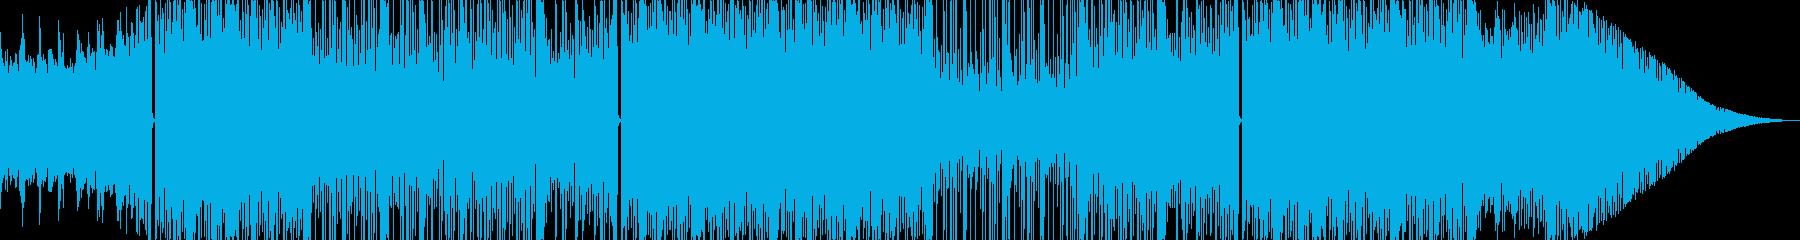 切ないBoomBap系 Hip Hopの再生済みの波形